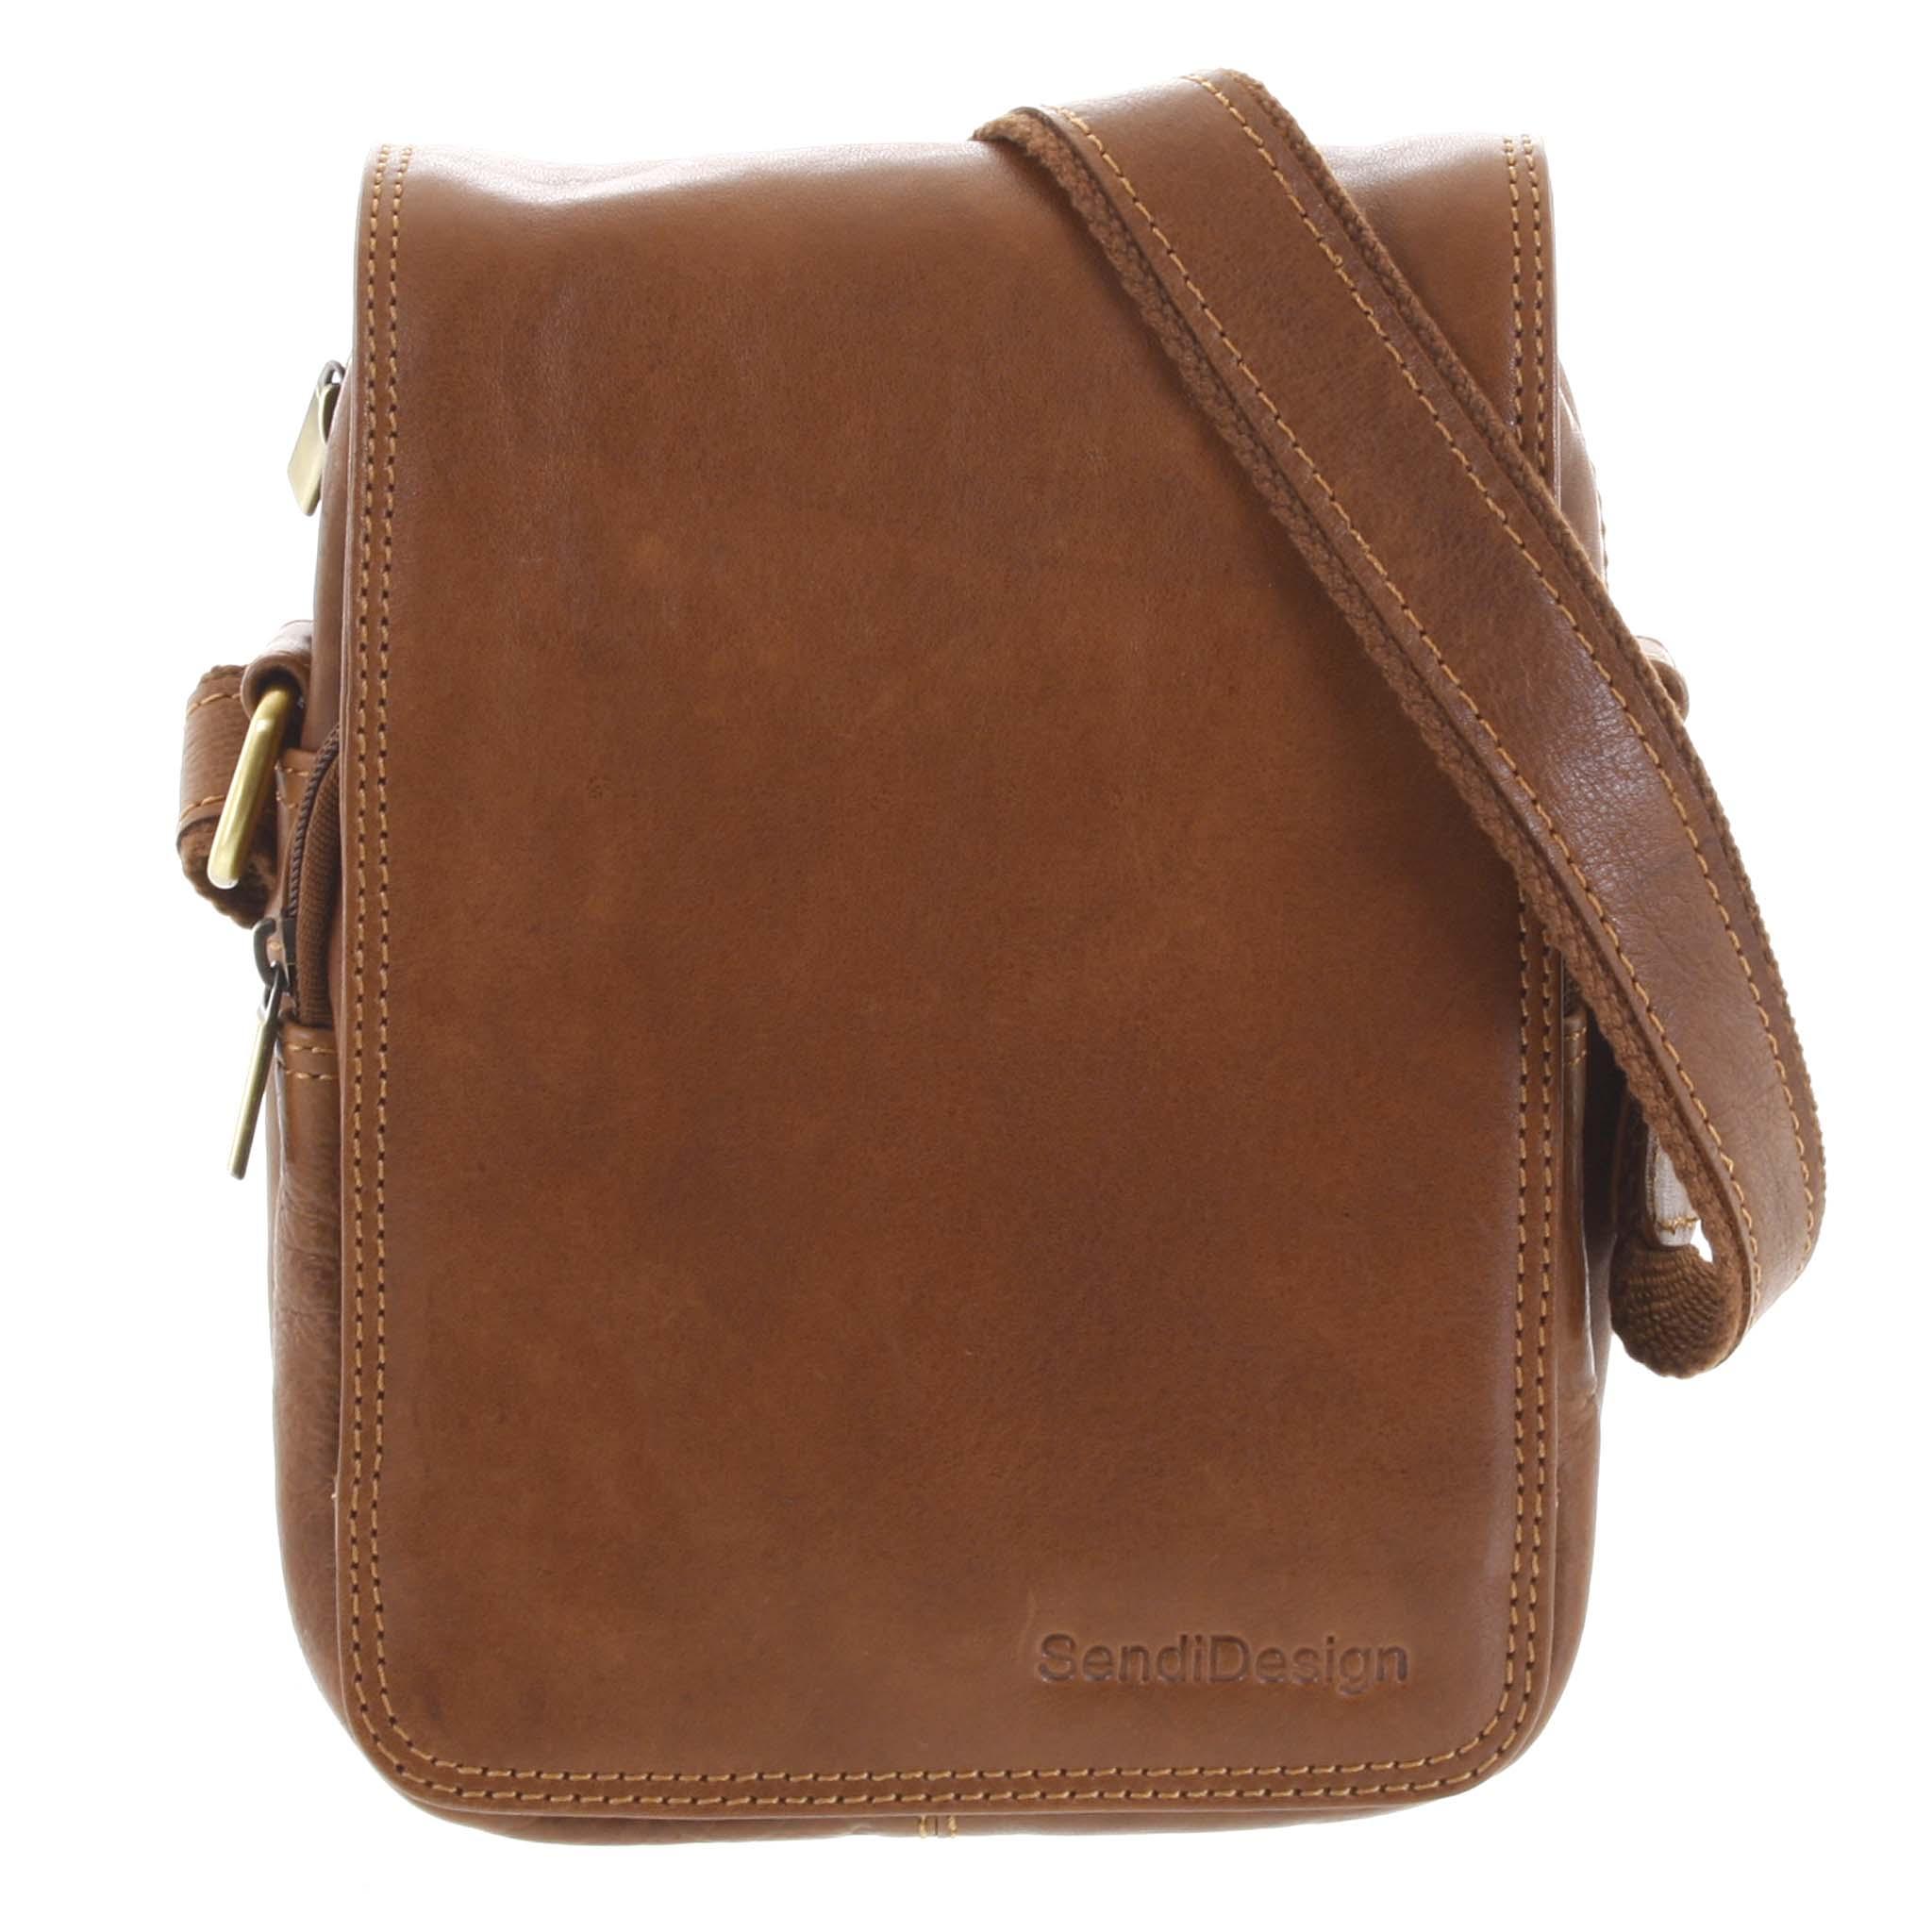 Pánska kožená taška cez rameno hnedá - SendiDesign Muxos hnedá